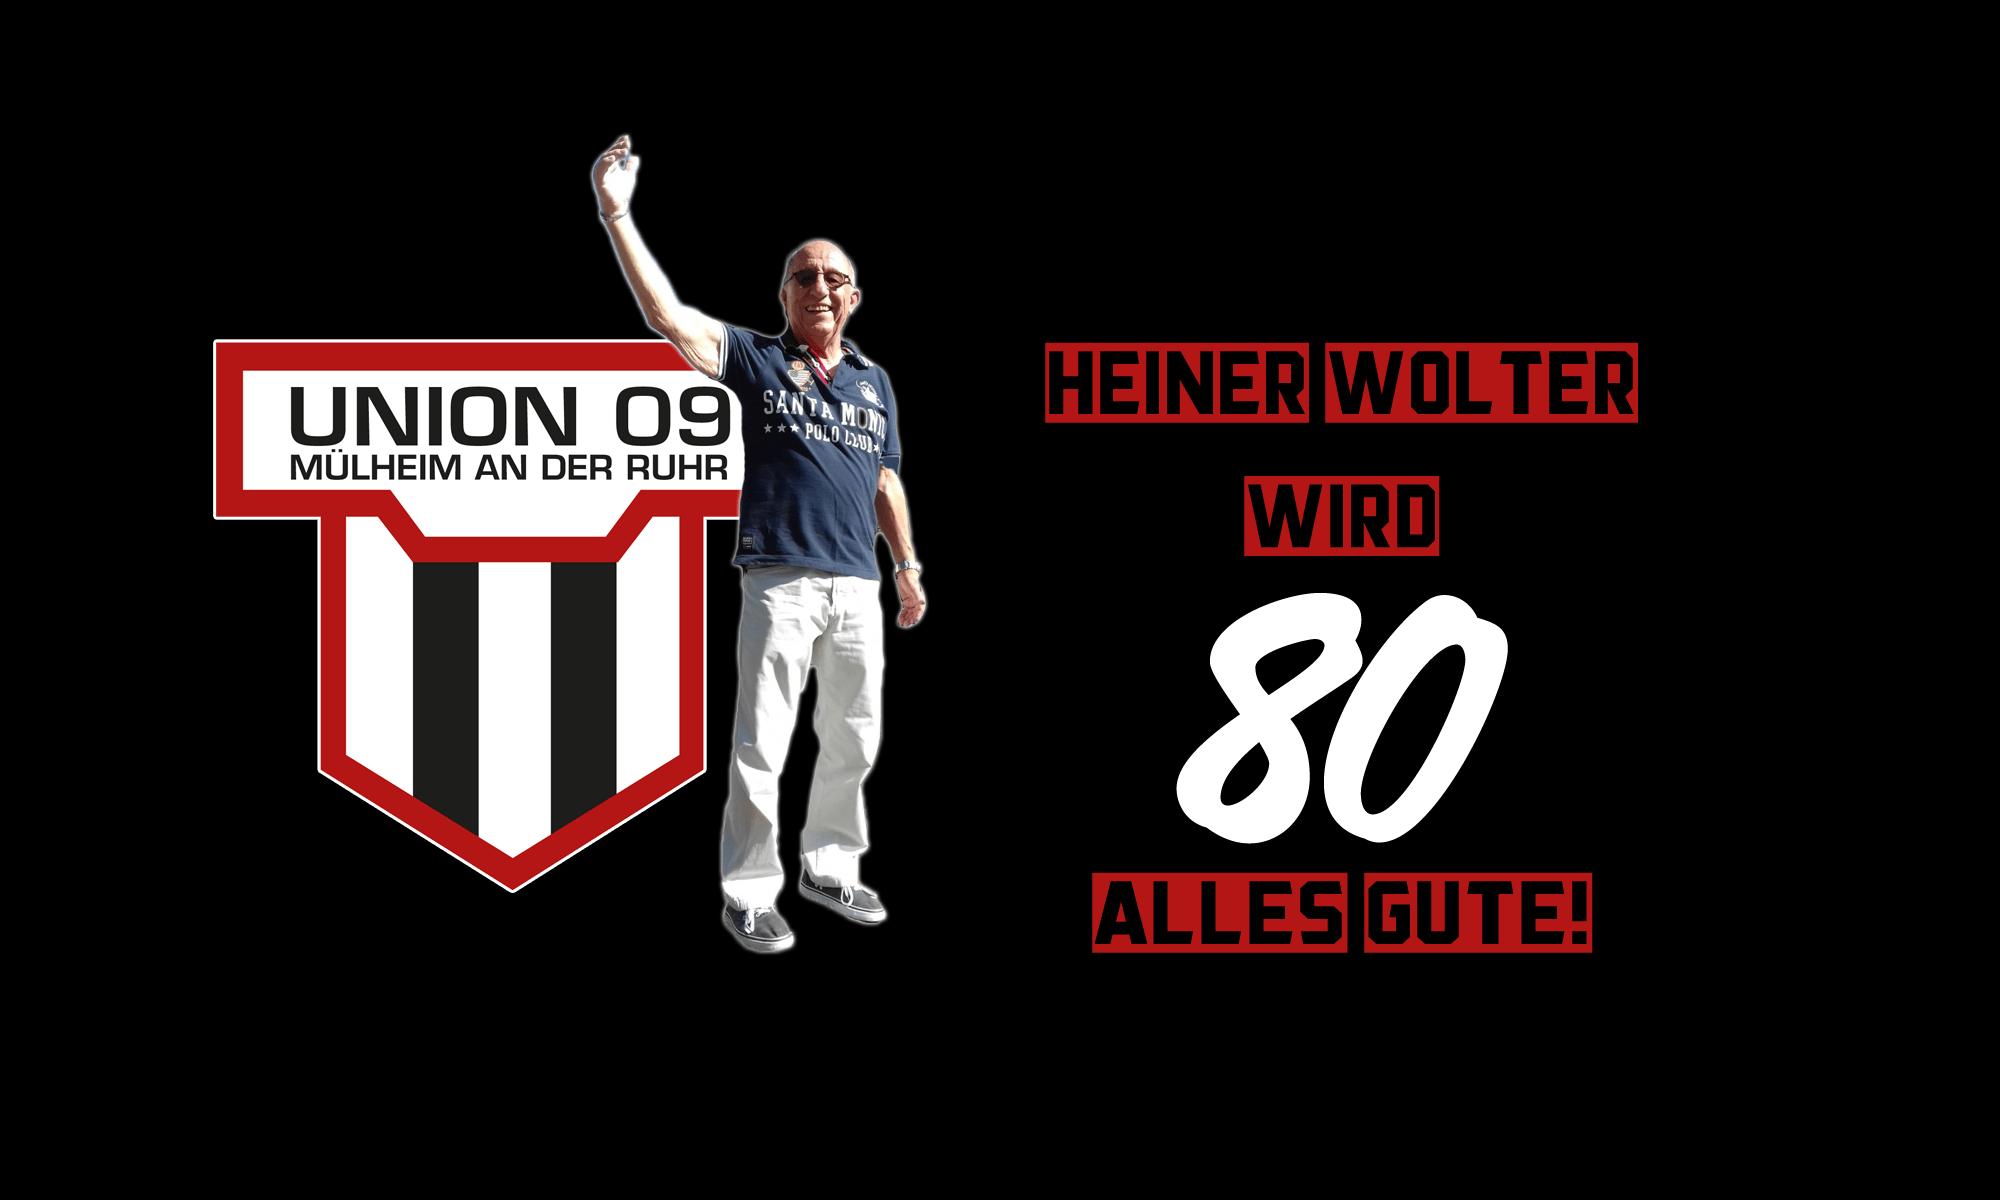 """Unions """"Tafelsilber"""" Heiner Wolter wird 80!"""